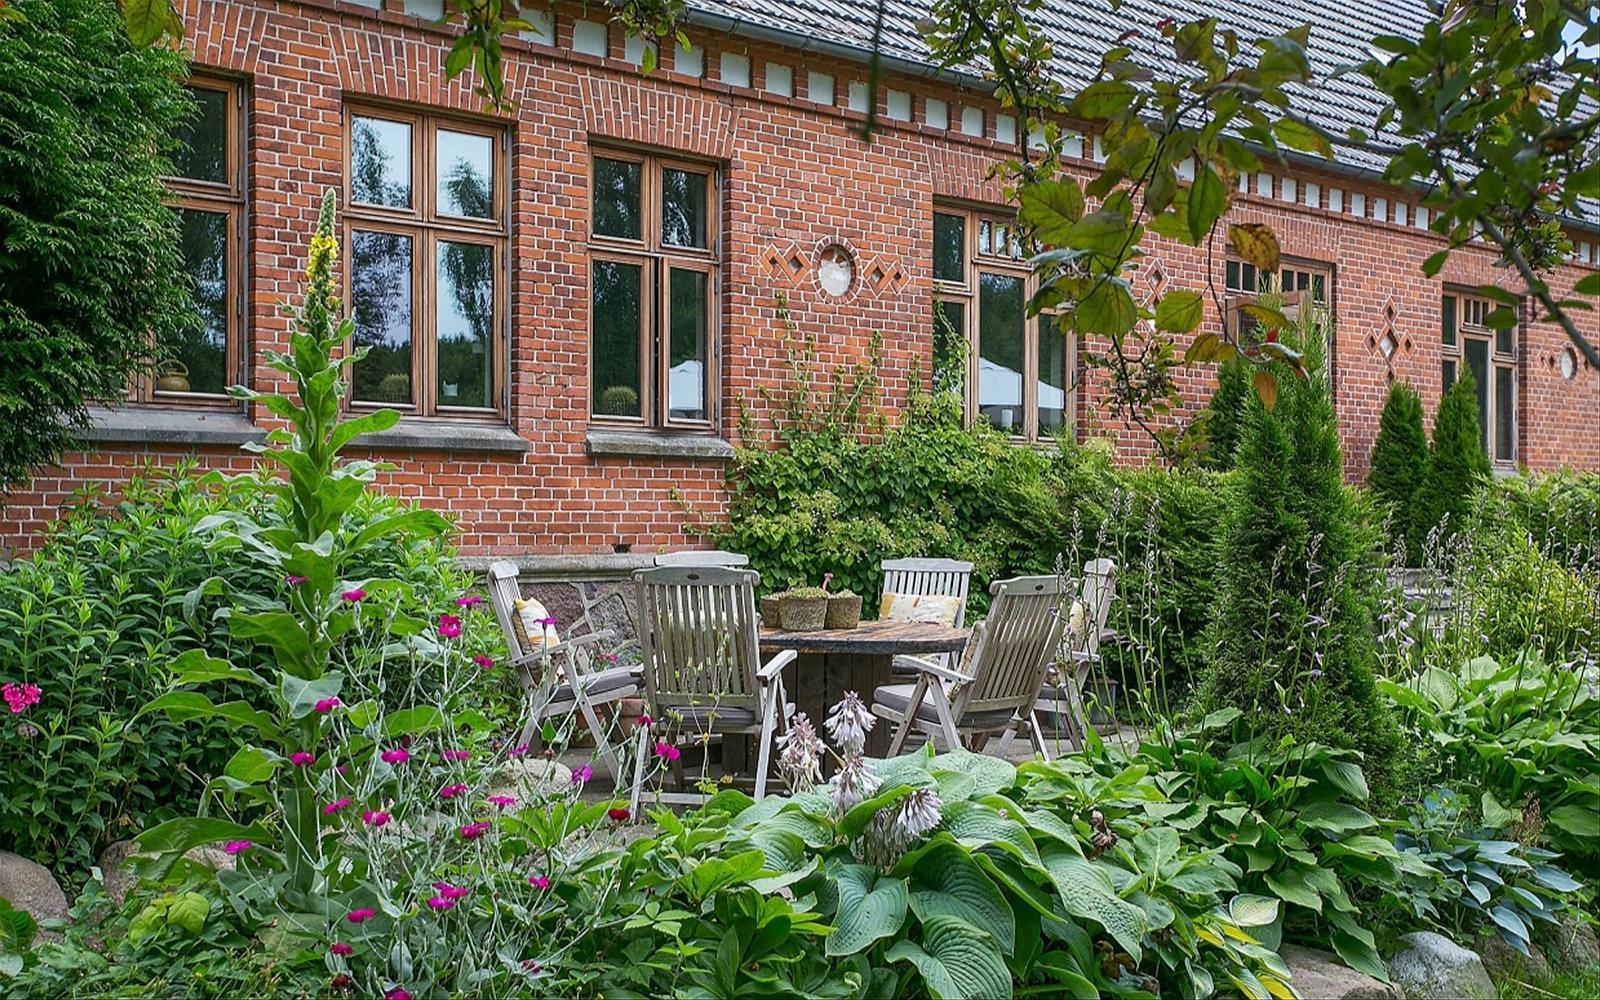 кирпичный фасад окна загородный дом кровля клумбы растения кустарники